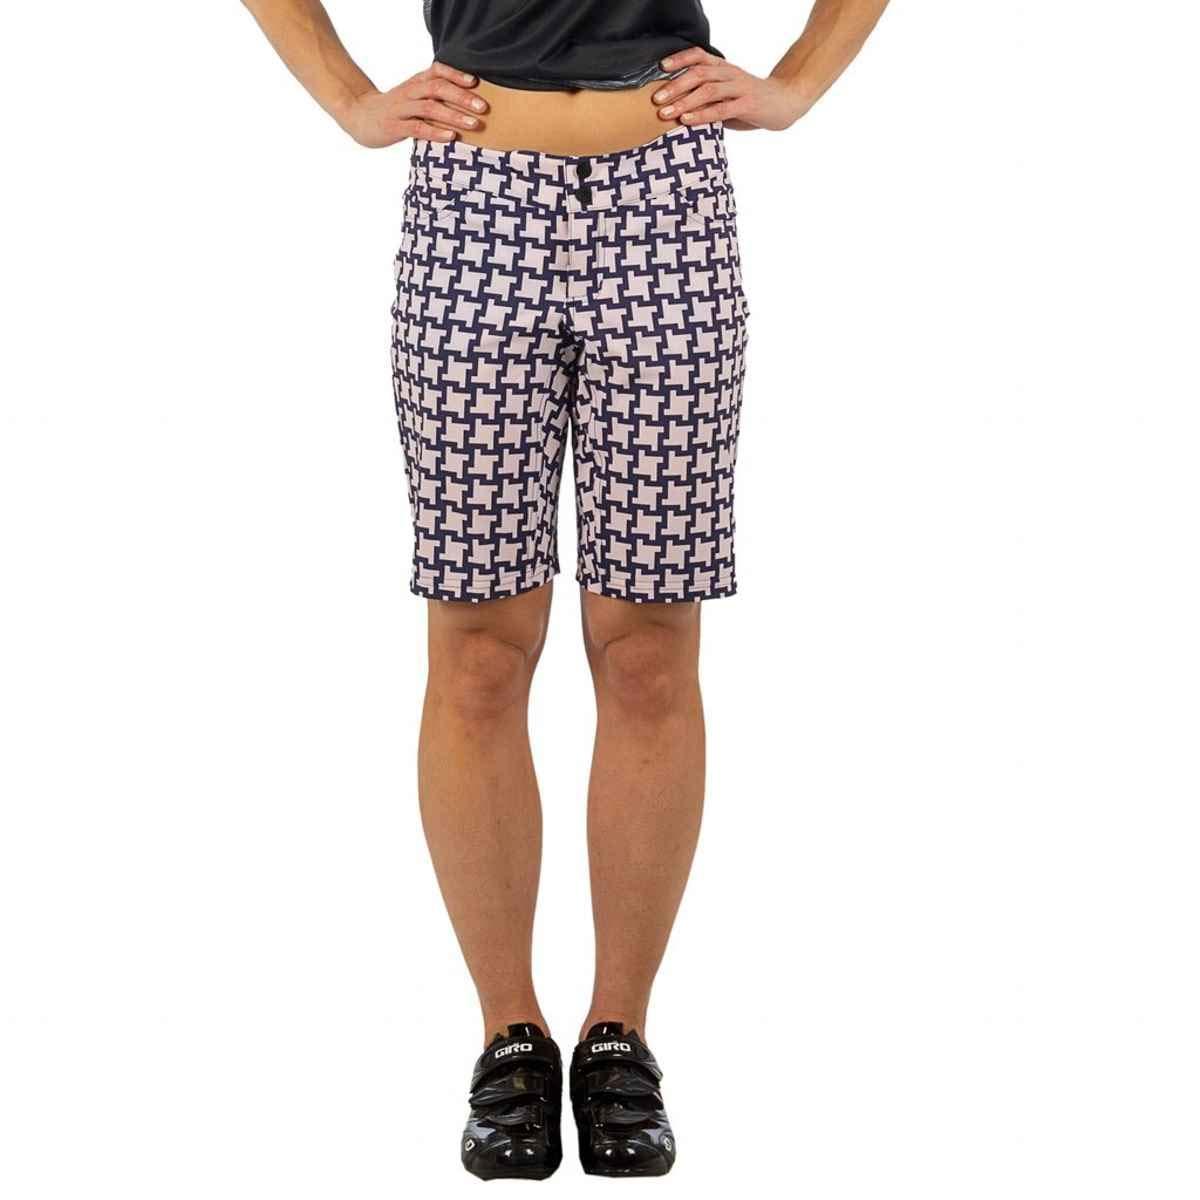 SHEBEEST Women's Skinny Americano Biking/Cycling Shorts